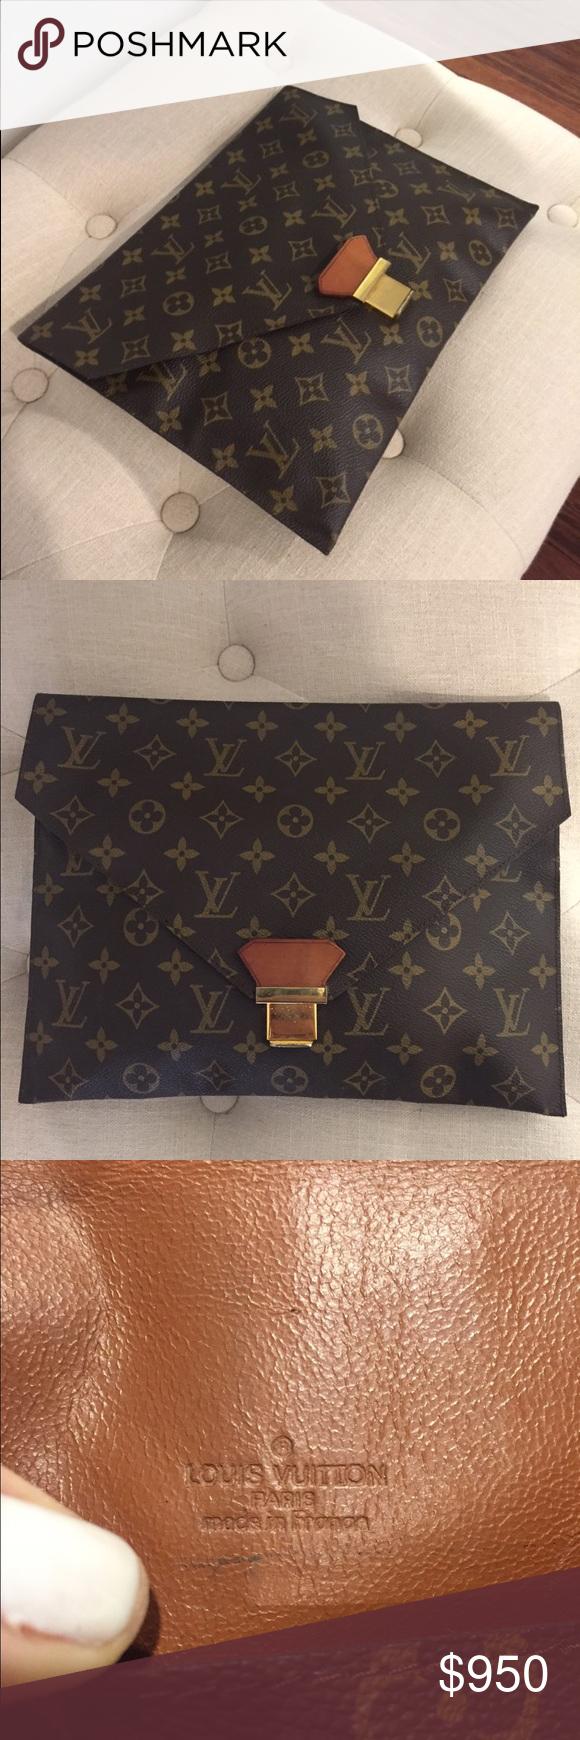 Louis Vuitton Vintage Envelope Clutch Vintage Louis Vuitton Louis Vuitton Louis Vuitton Bag